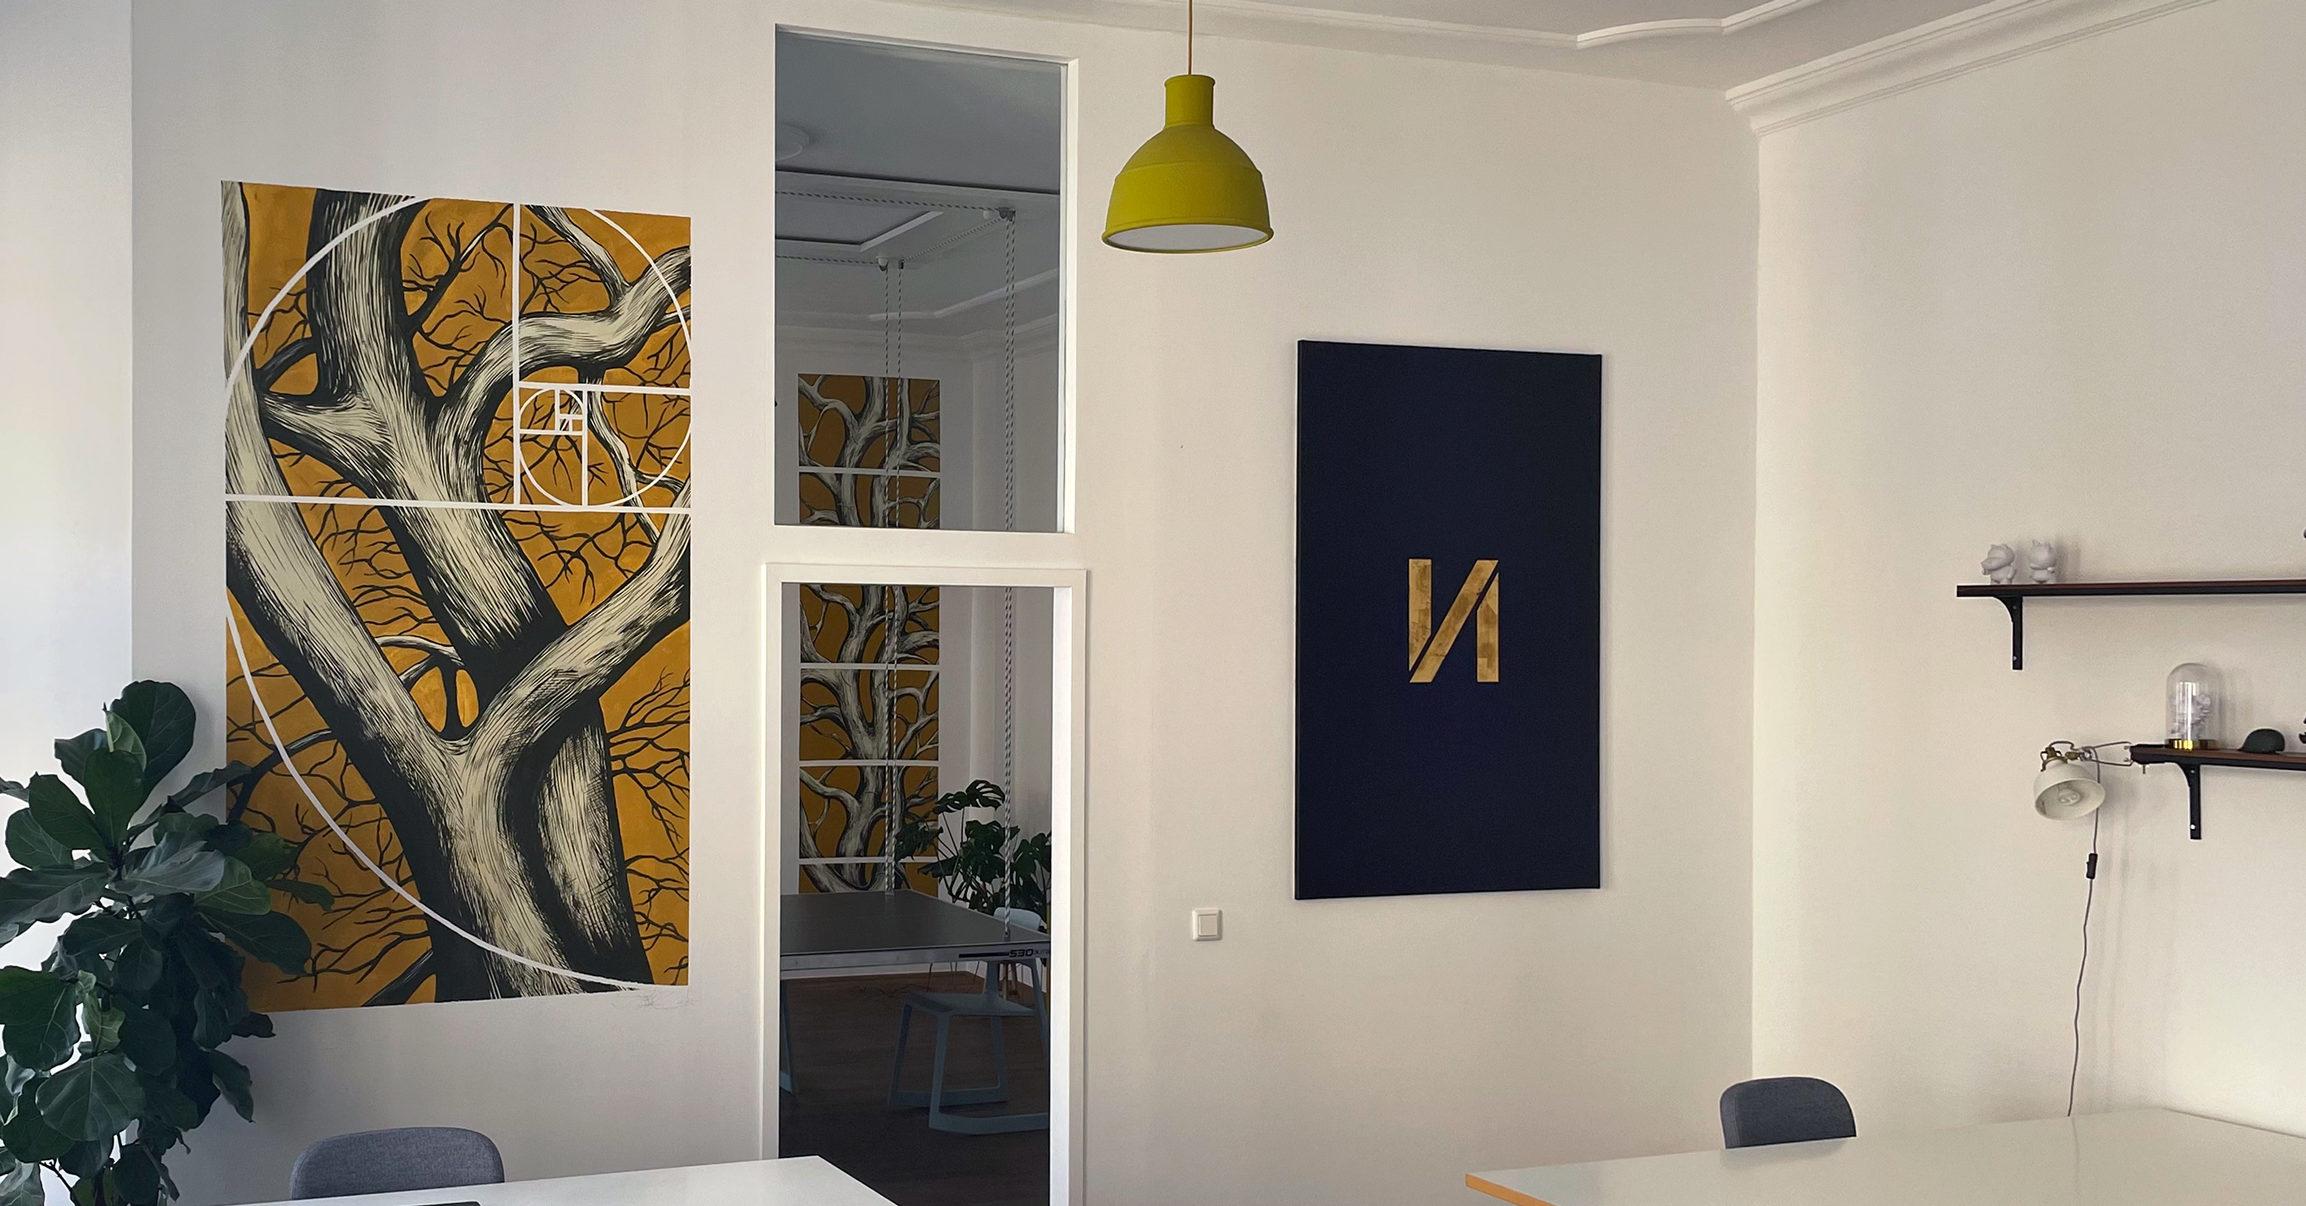 studio ansicht des enno studio mit den zwei gemälden von Luca Zamoc